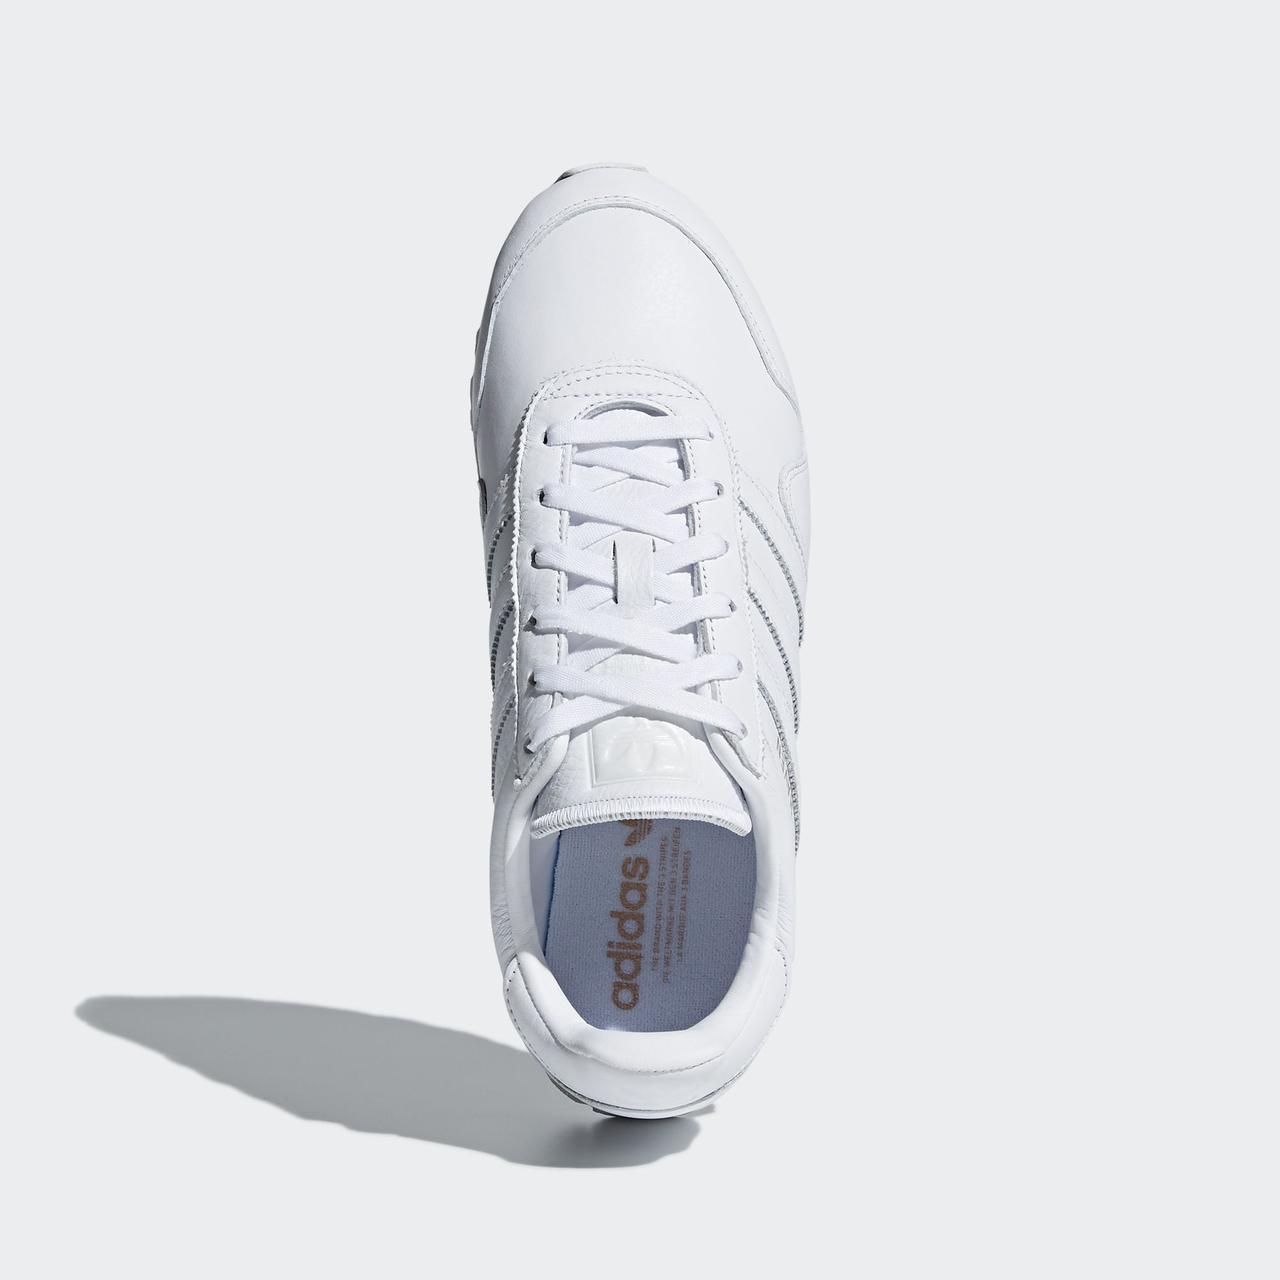 Мужские белые кроссовки Adidas Originals Haven CQ3037 - 2018 ... cc8f6ce07c546